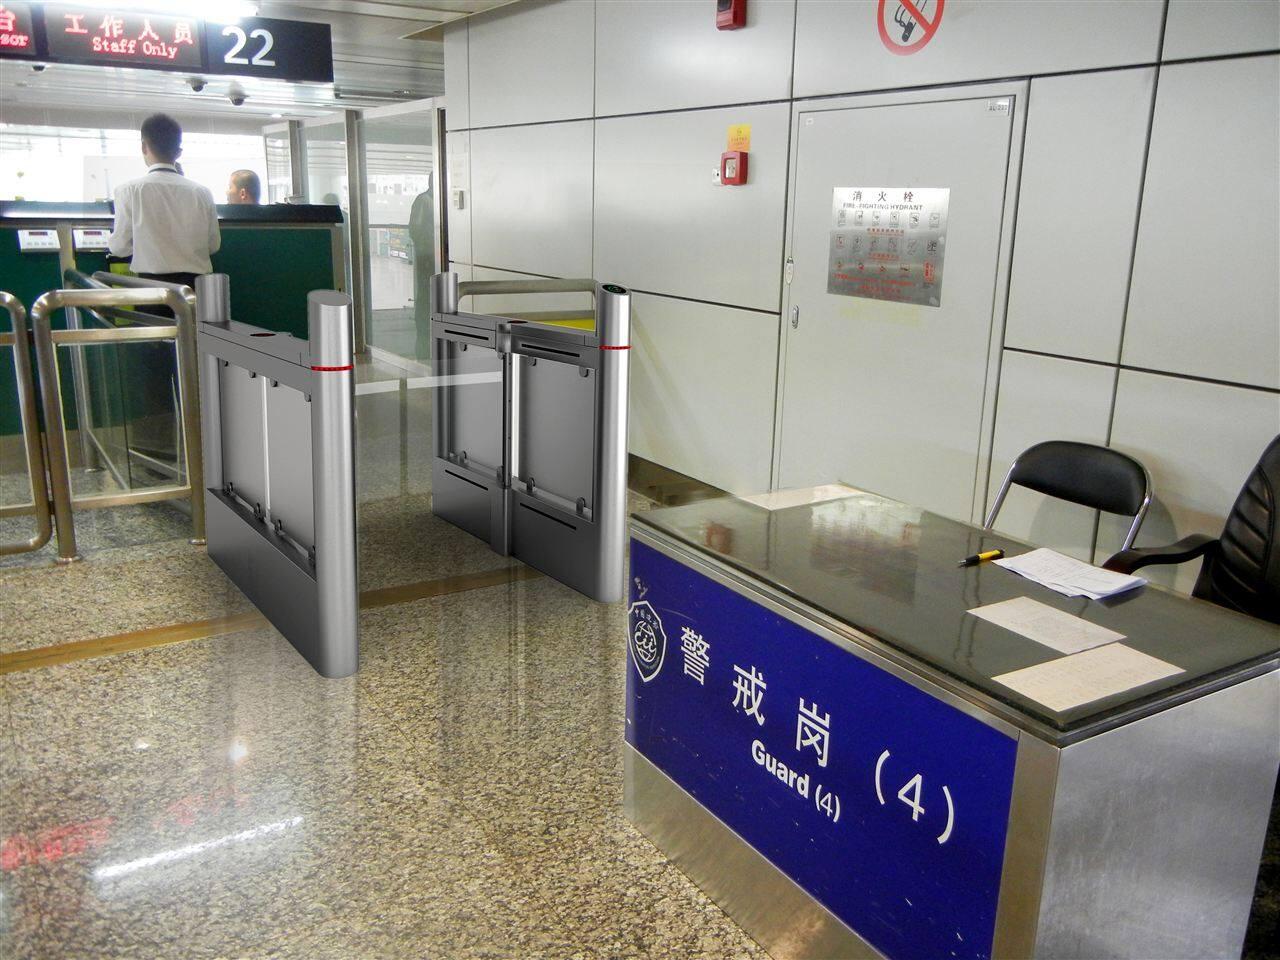 深圳机场智能闸机为机场实现自助登机服务